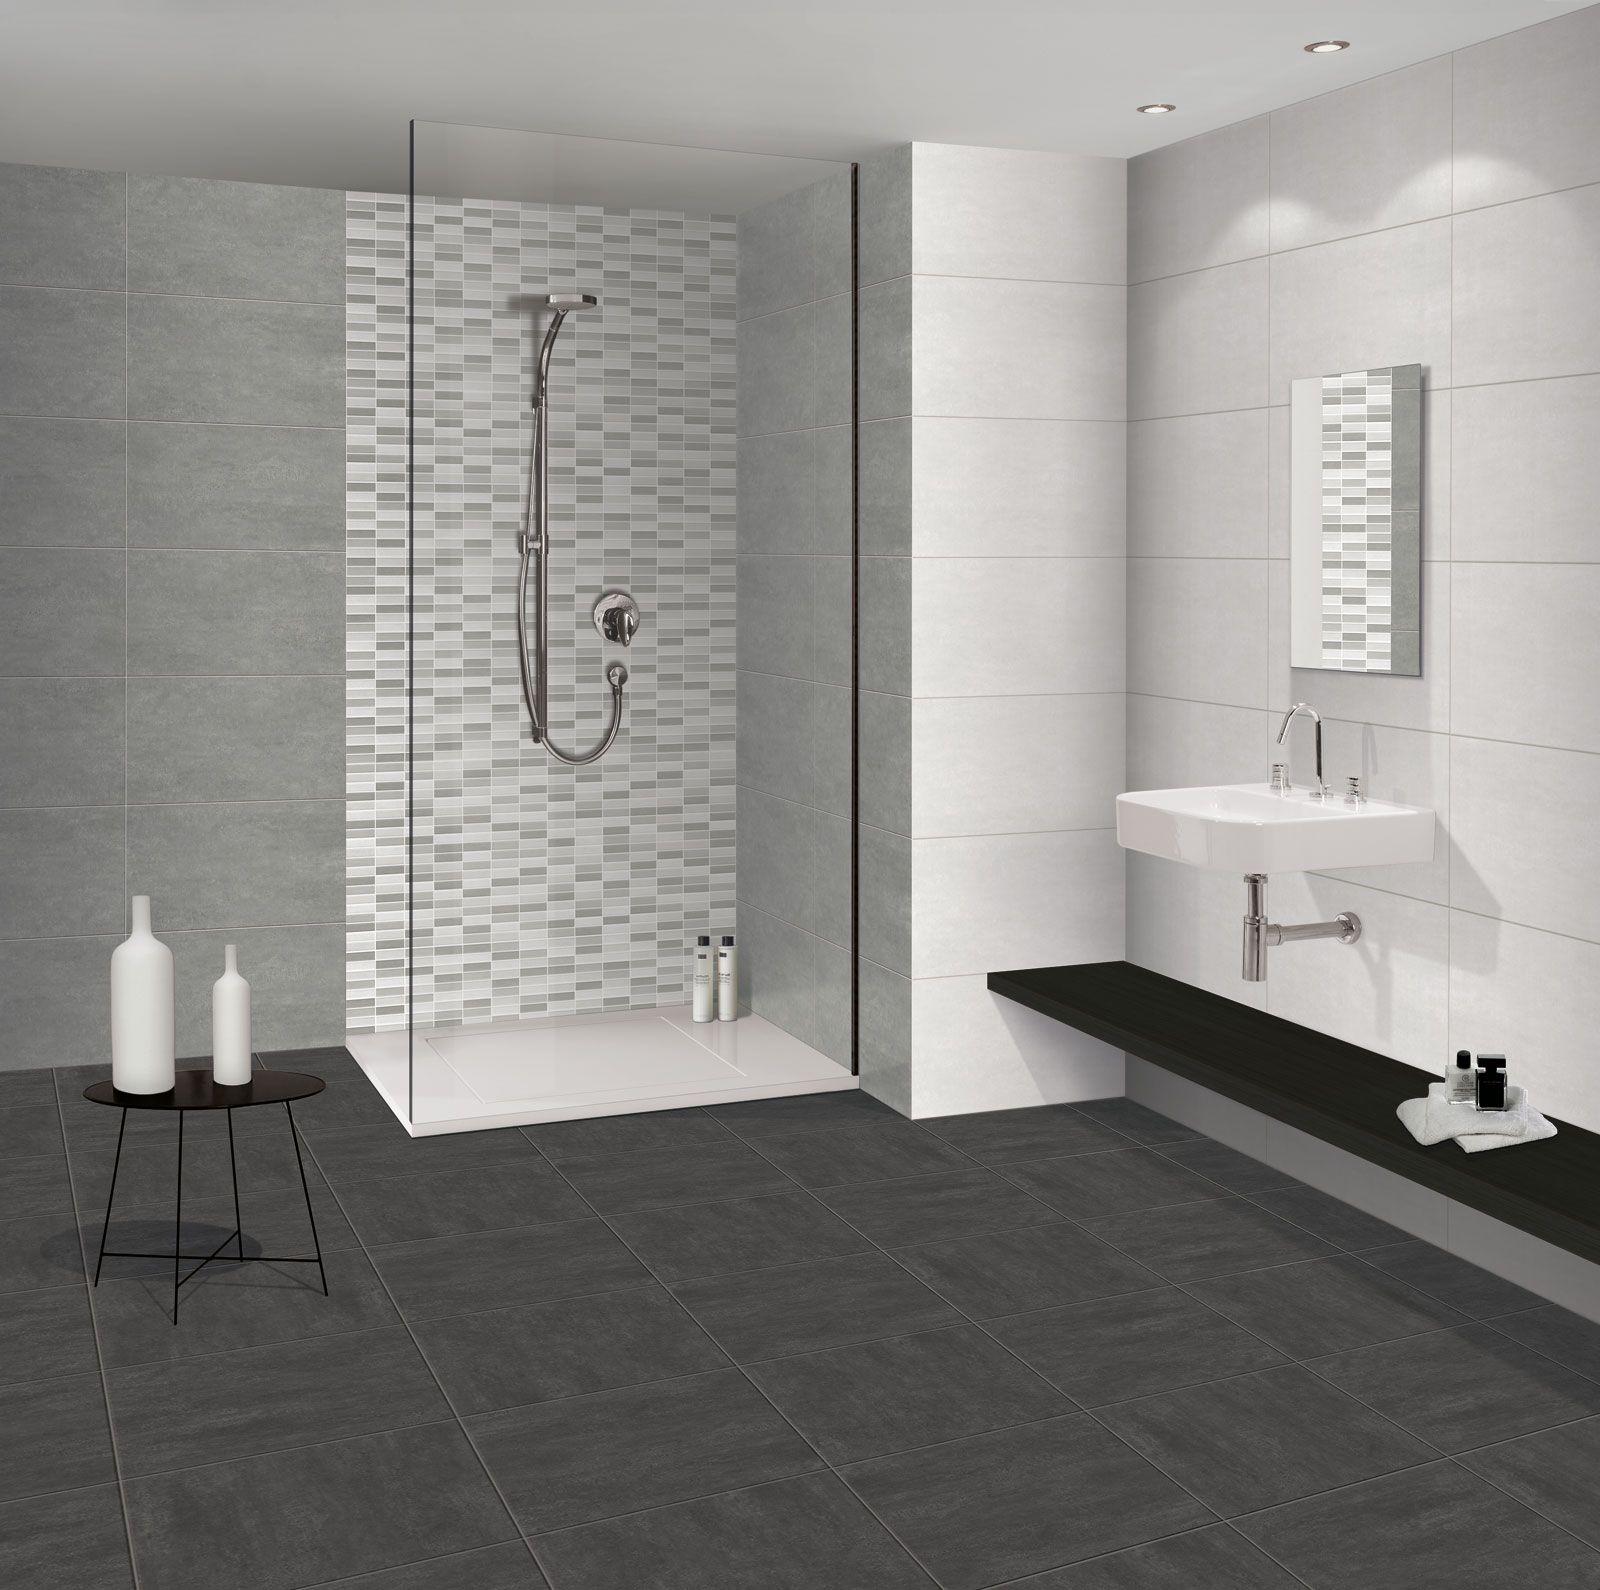 Serpal - Revestimiento ceramico para baños | Mia i Isabel | Pinterest